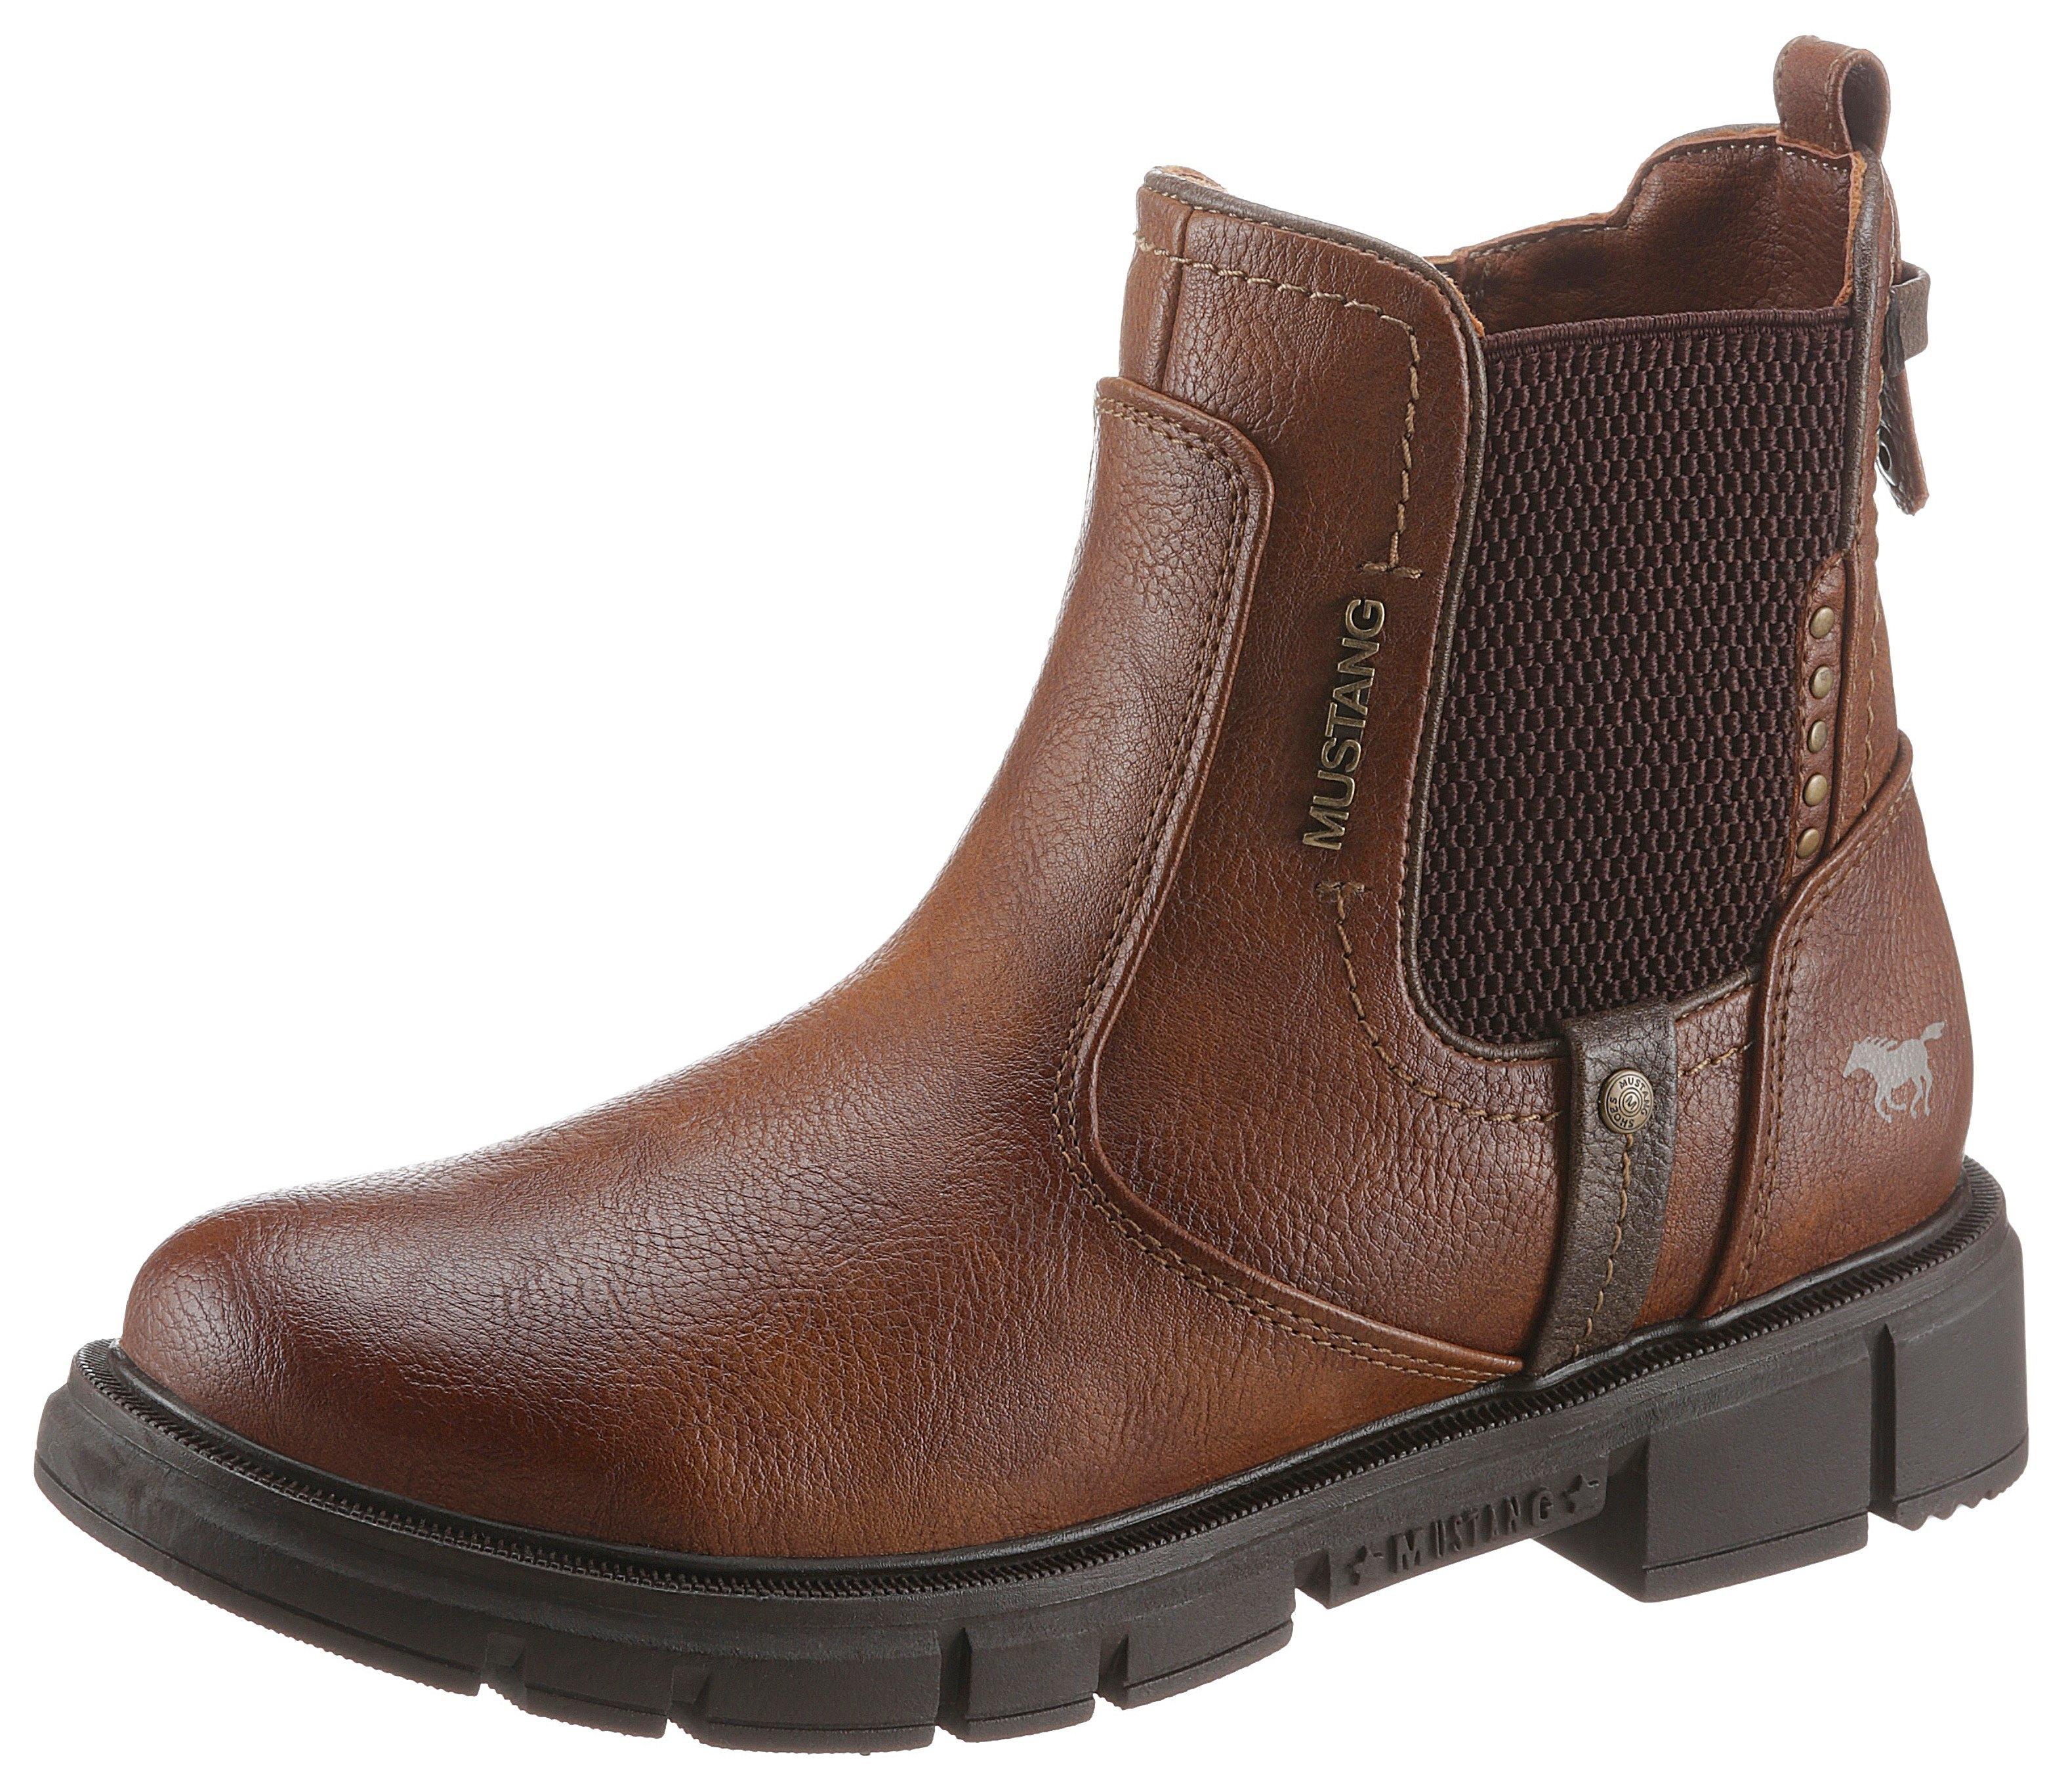 Mustang Shoes Chelsea-boots met stijlvolle studs gegarneerd - verschillende betaalmethodes